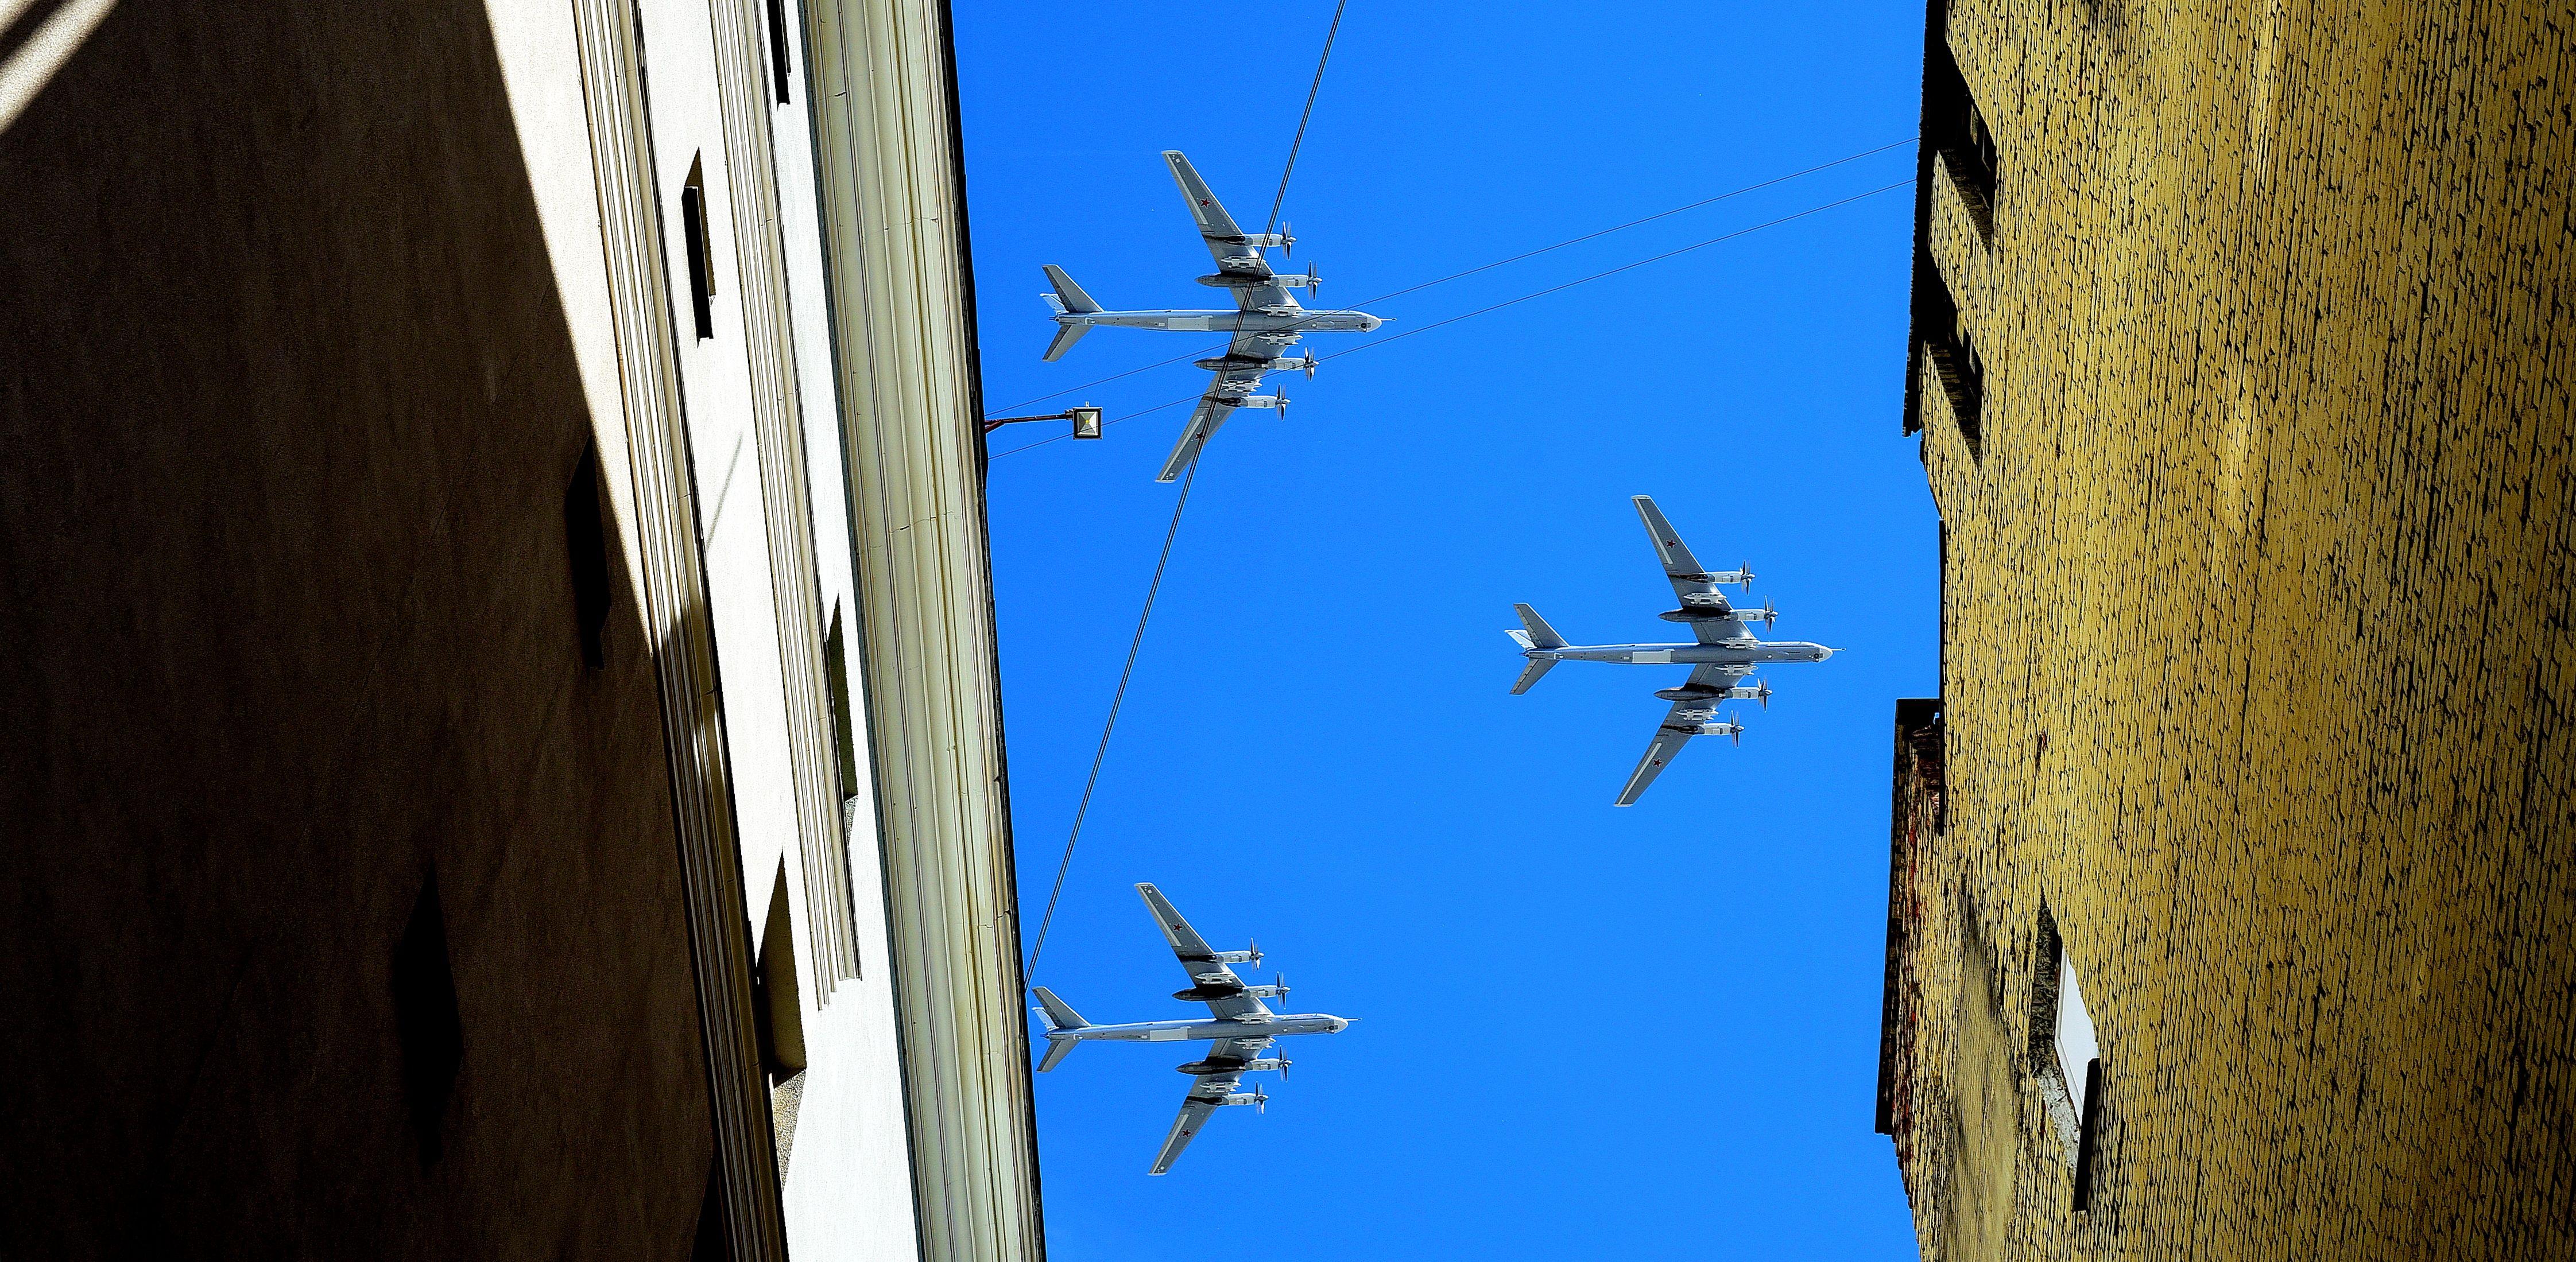 Портал «Узнай Москву» составил топ-10 авиационных объектов столицы.Фото: архив, «Вечерняя Москва»